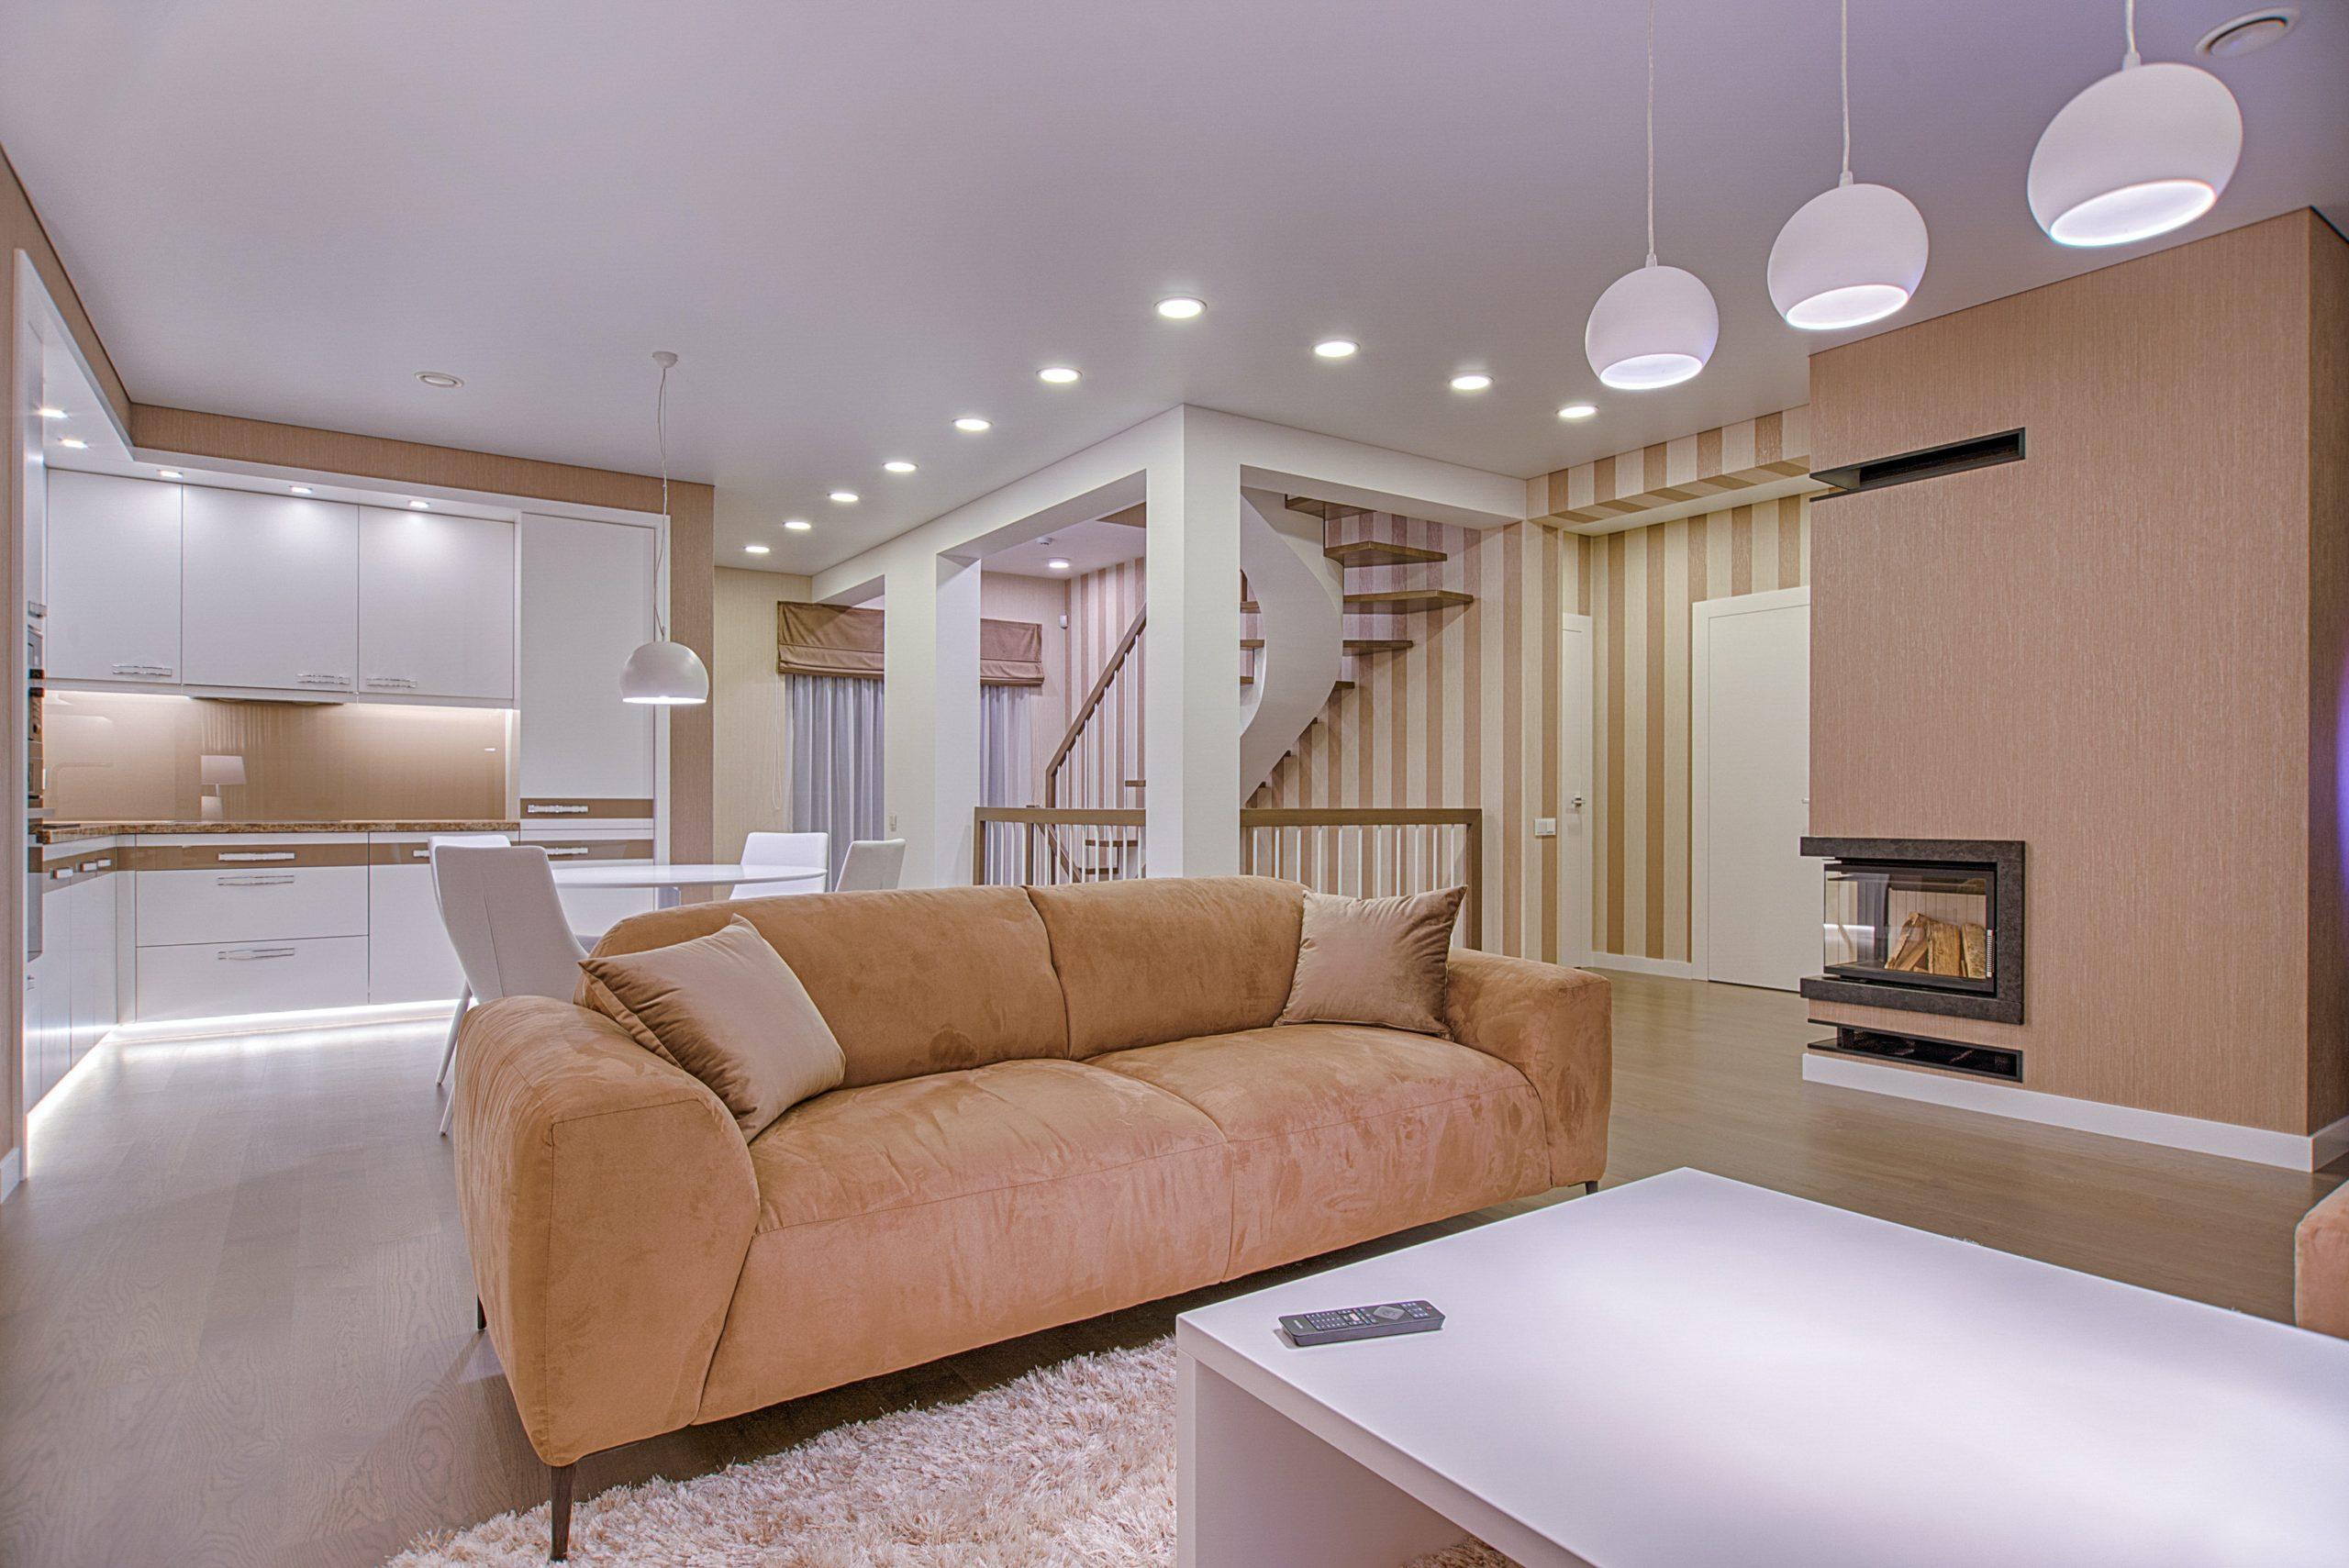 Plánujete kuchyň? Poradíme vám, jak ji prakticky propojit s obývacím pokojem